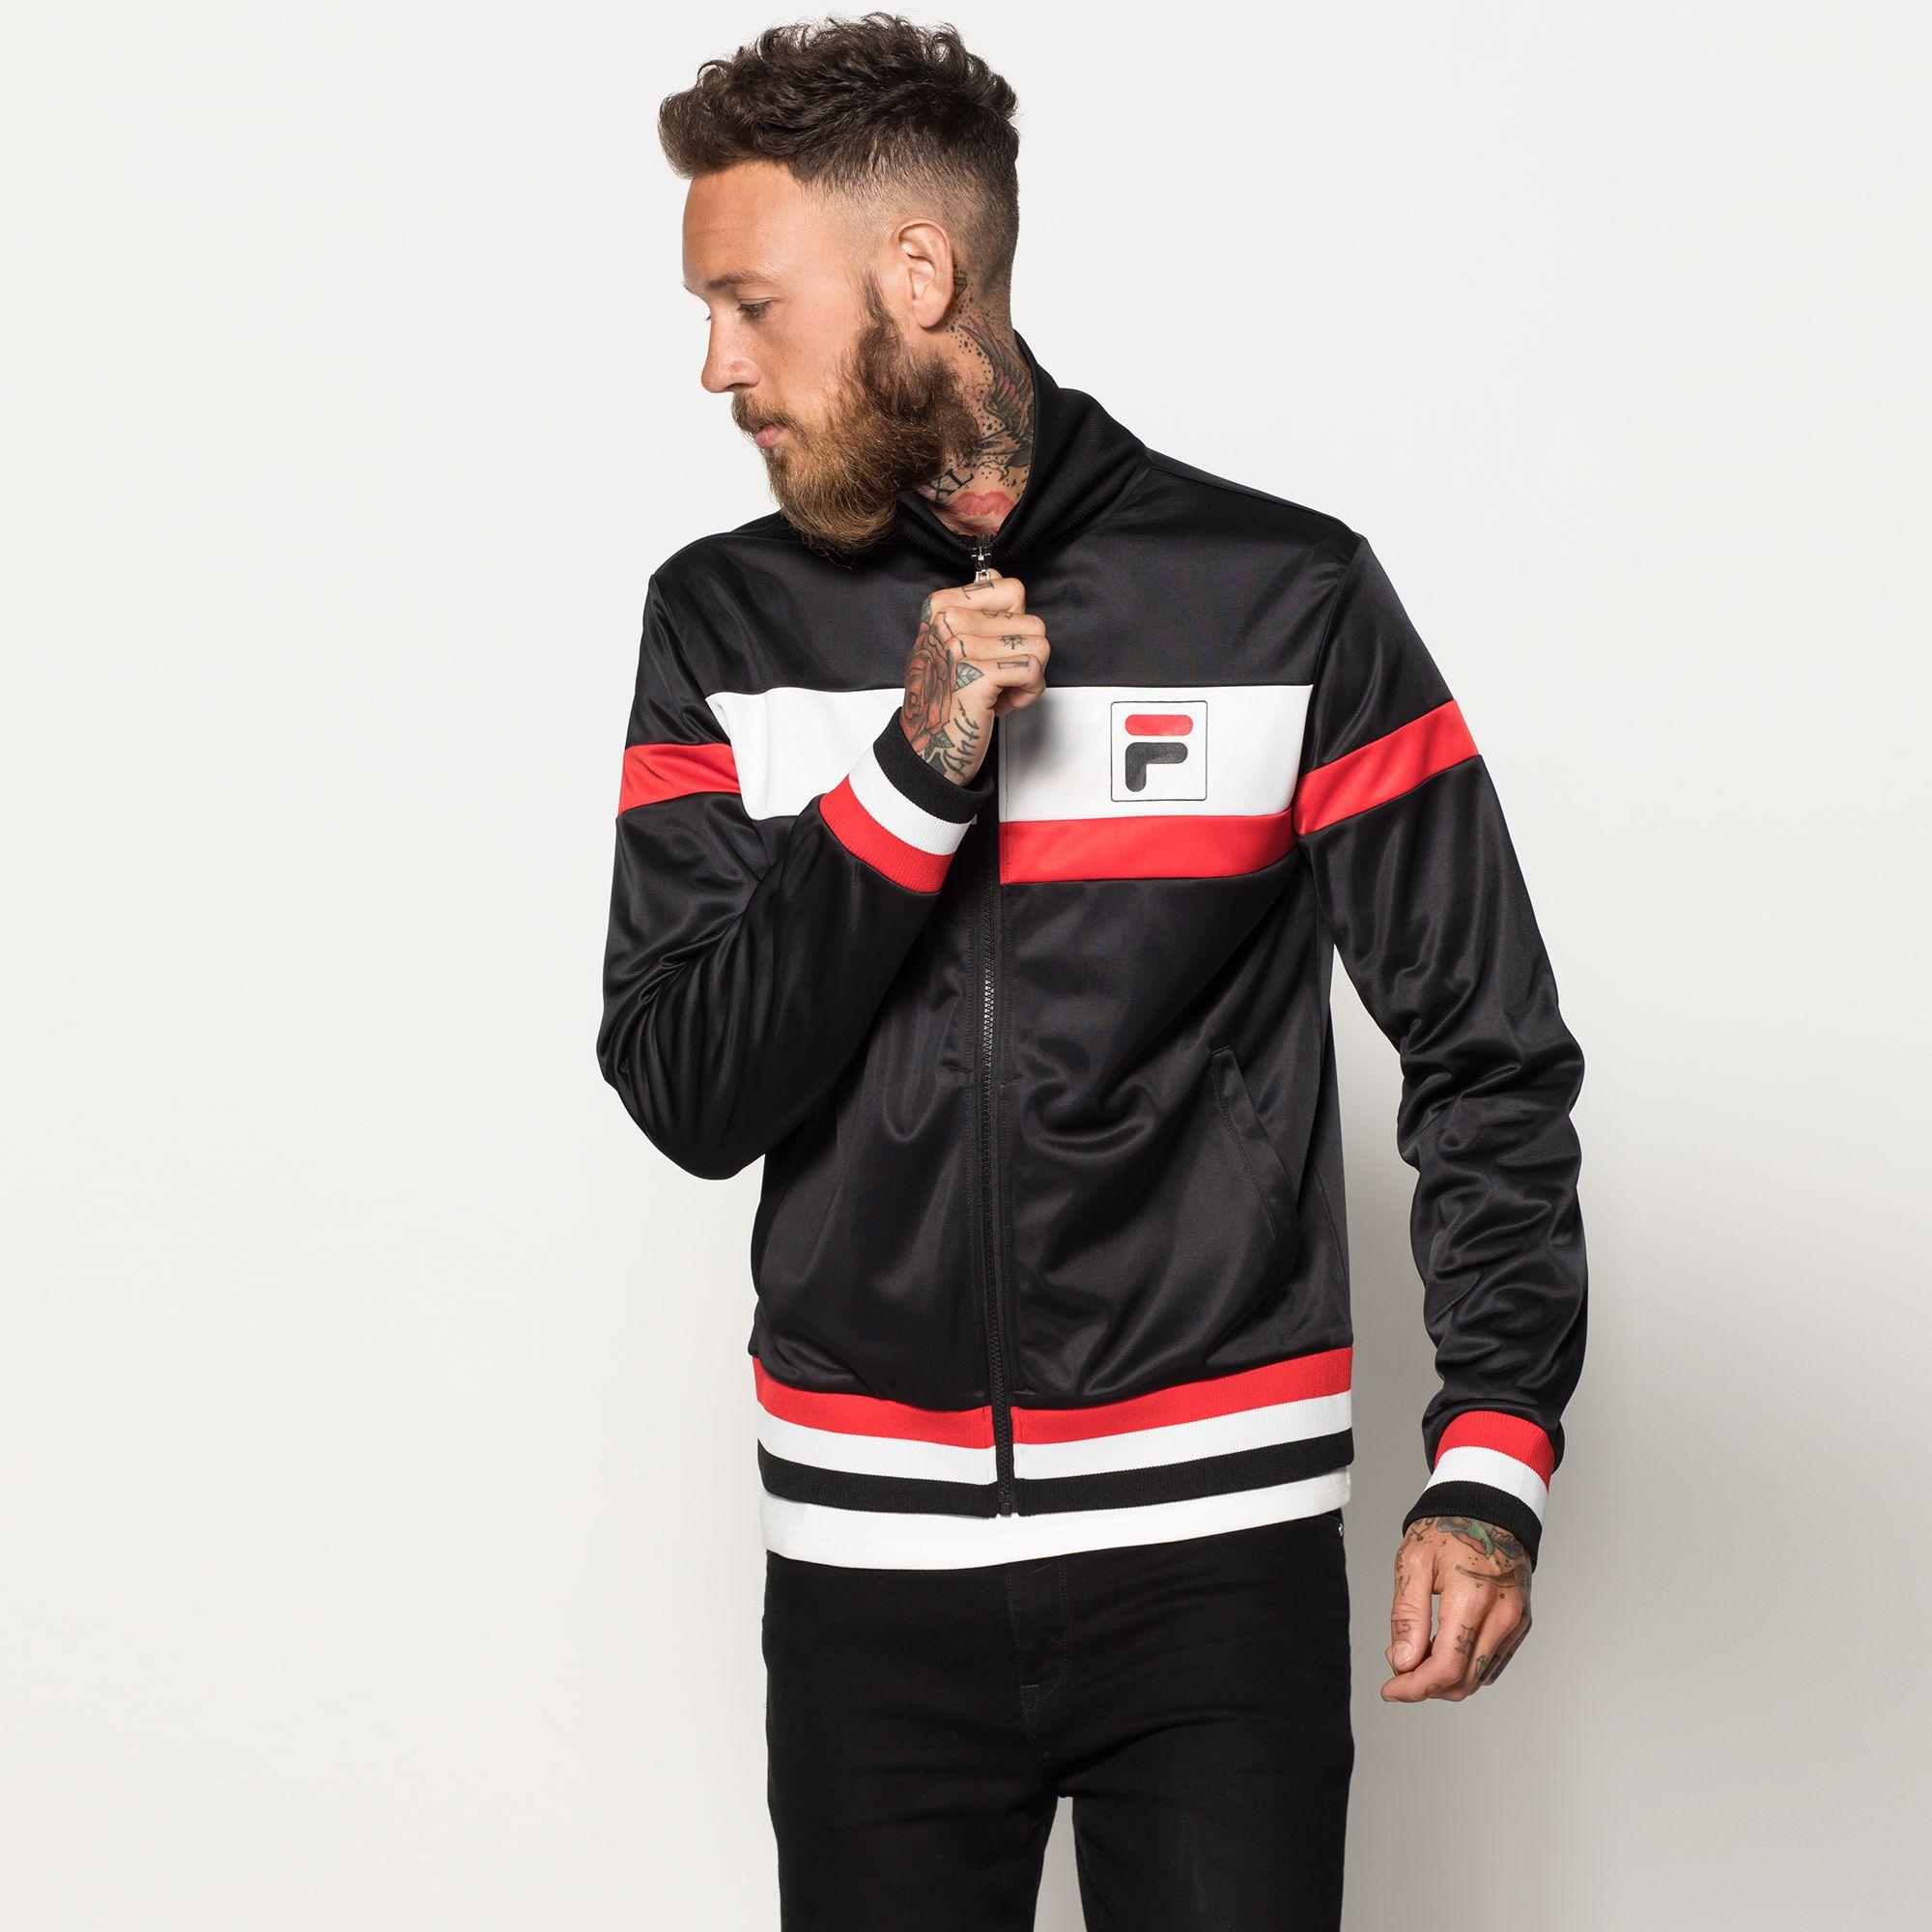 Artikel klicken und genauer betrachten! - Die FILA Track Jacket ´´ETHAN´´ überzeugt durch klassisches Design und hohe Qualität Herren schwarz weiß rot Zipper mit Stehkragen 100% Polyester | im Online Shop kaufen